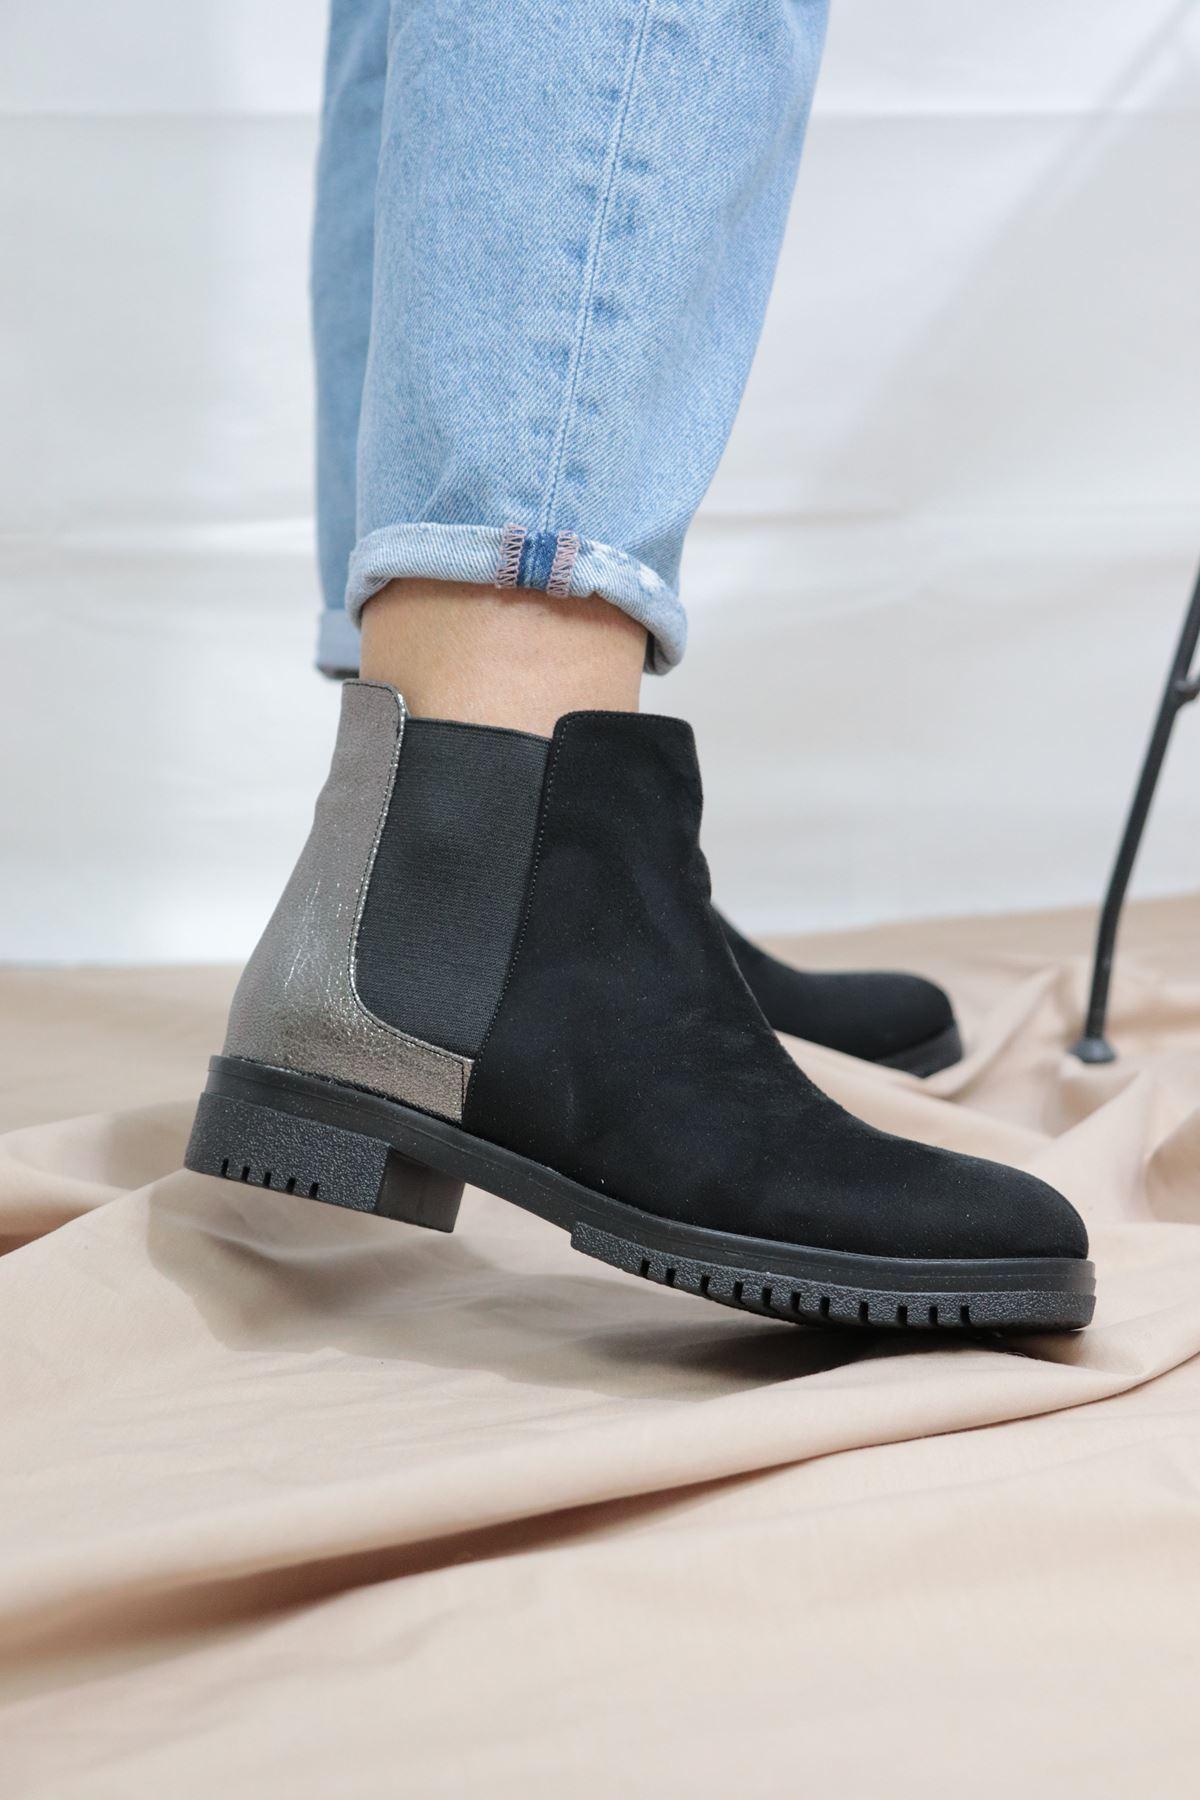 Trendayakkabı - Siyah Süet Yani Lastikli Kadın Bot